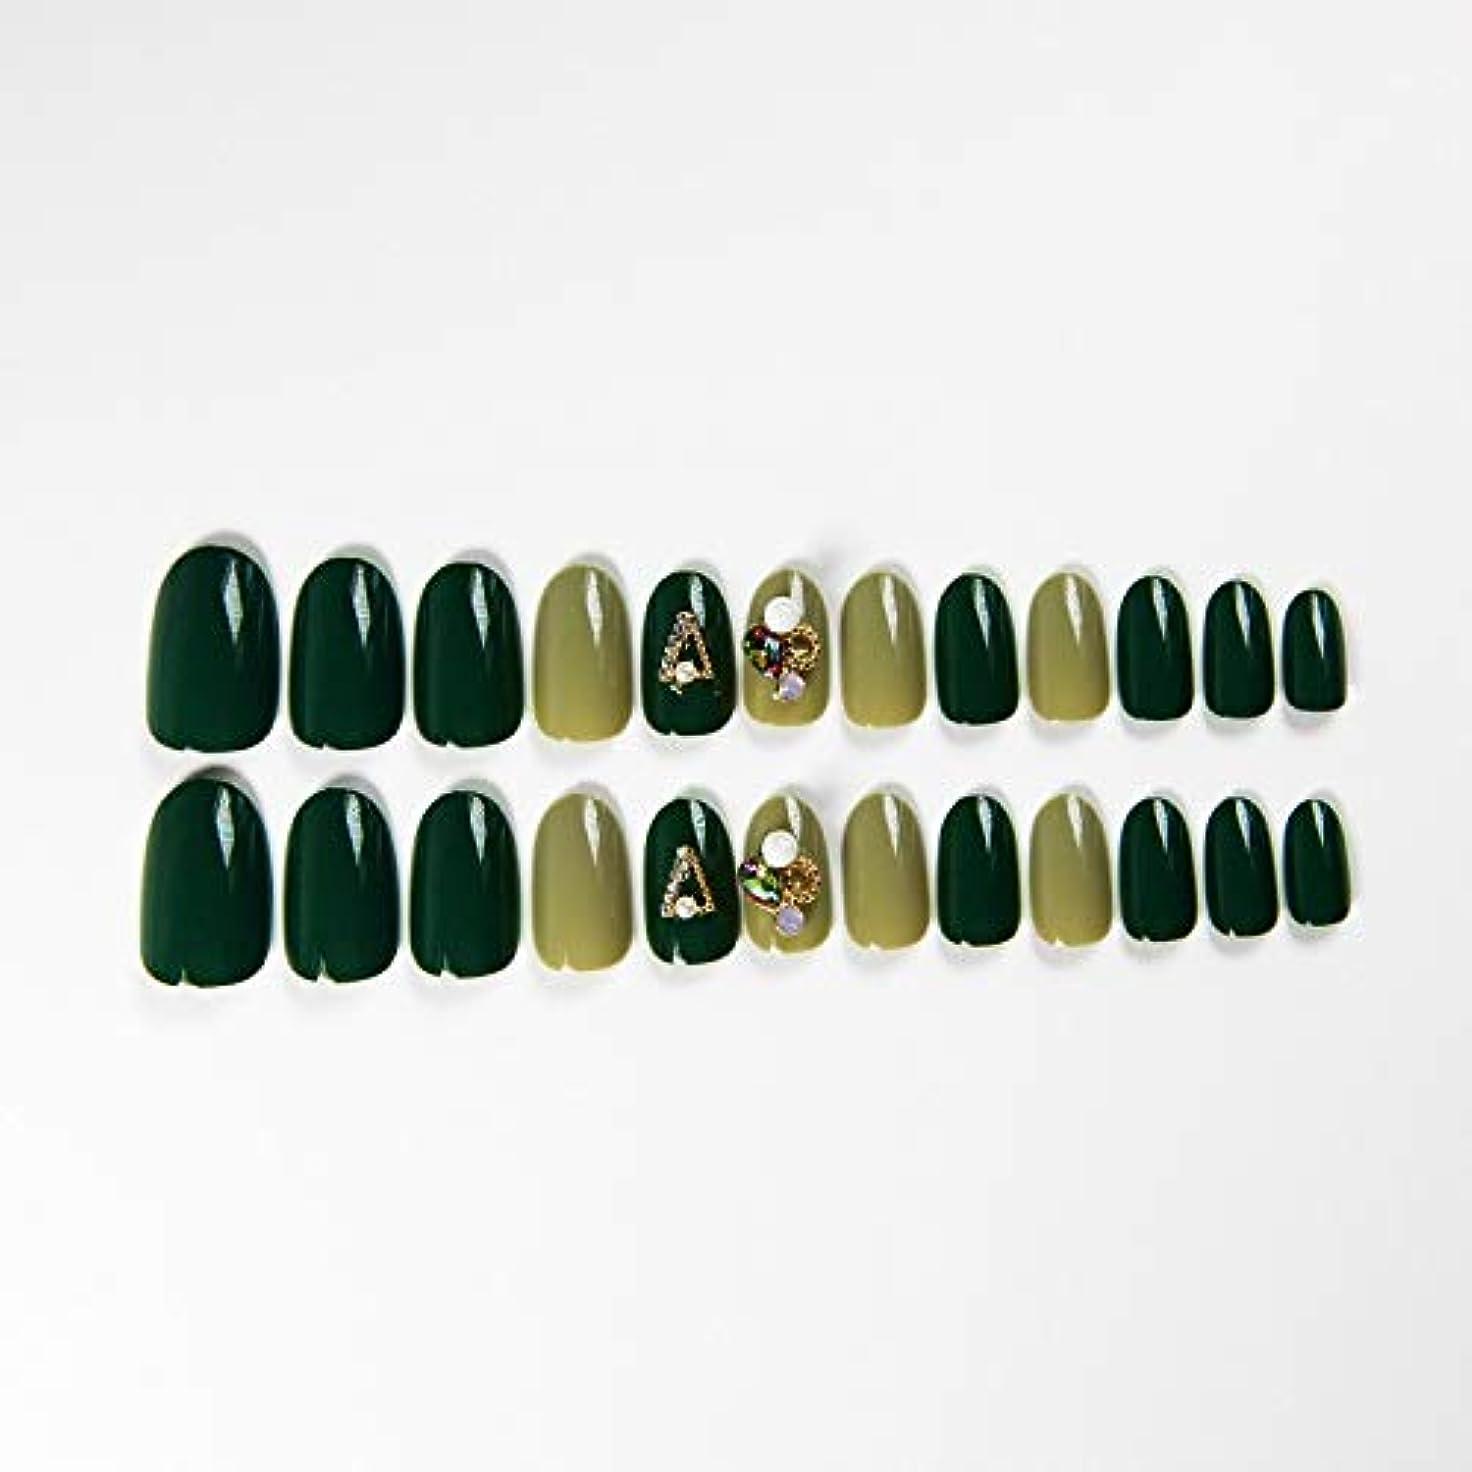 トリプルフォージ信条XUANHU HOME 緑の偽爪キット24pcsアボカドの緑の偽の爪、接着剤付き